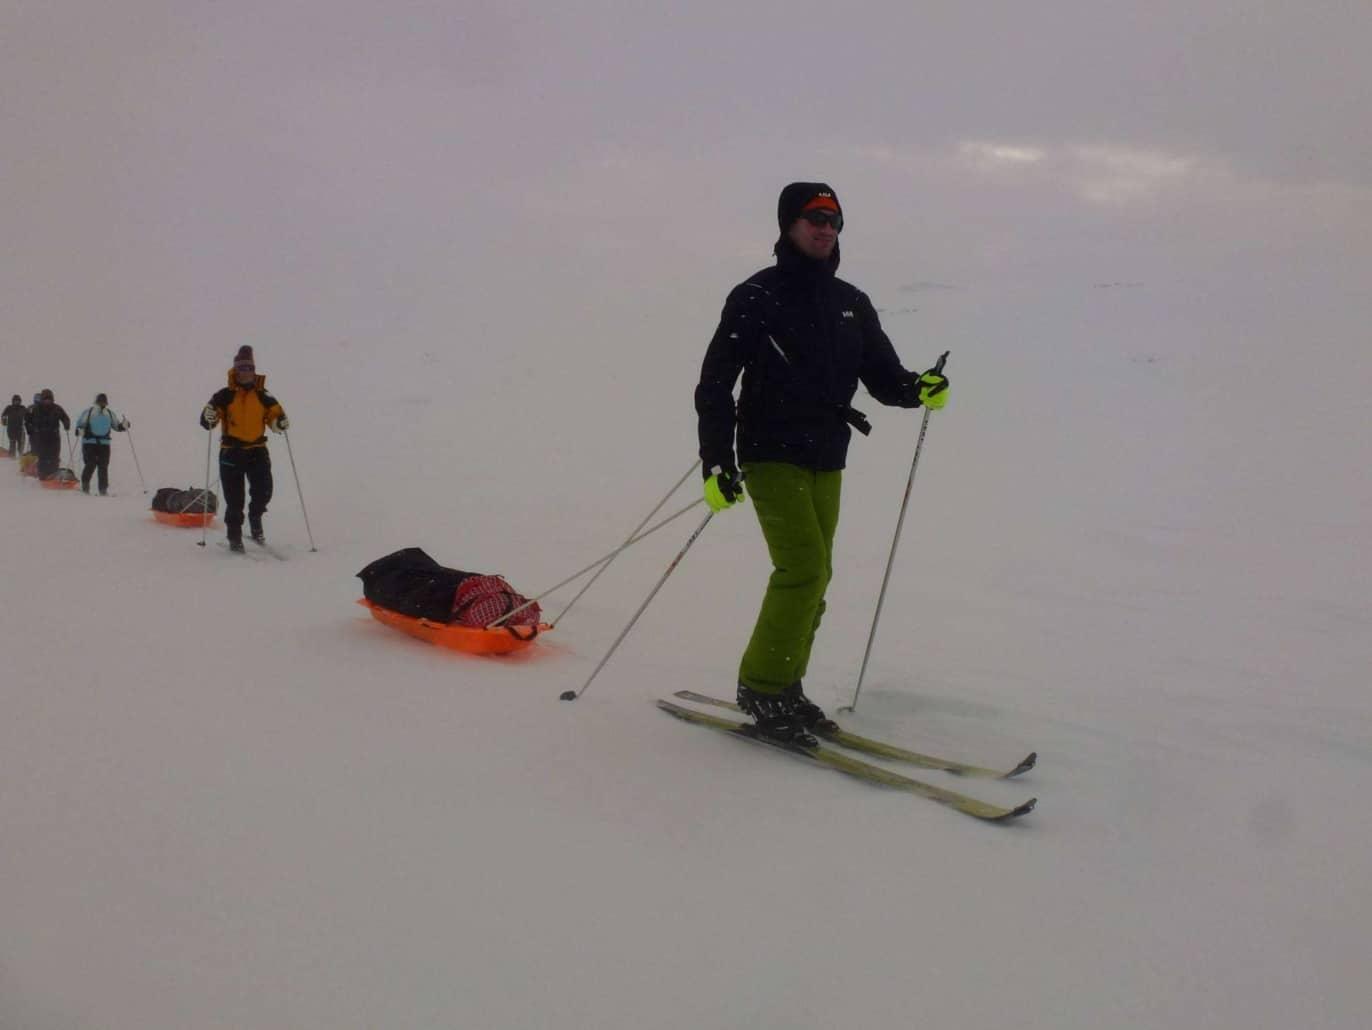 Remco Geerdink in Noorwegen op de ski's